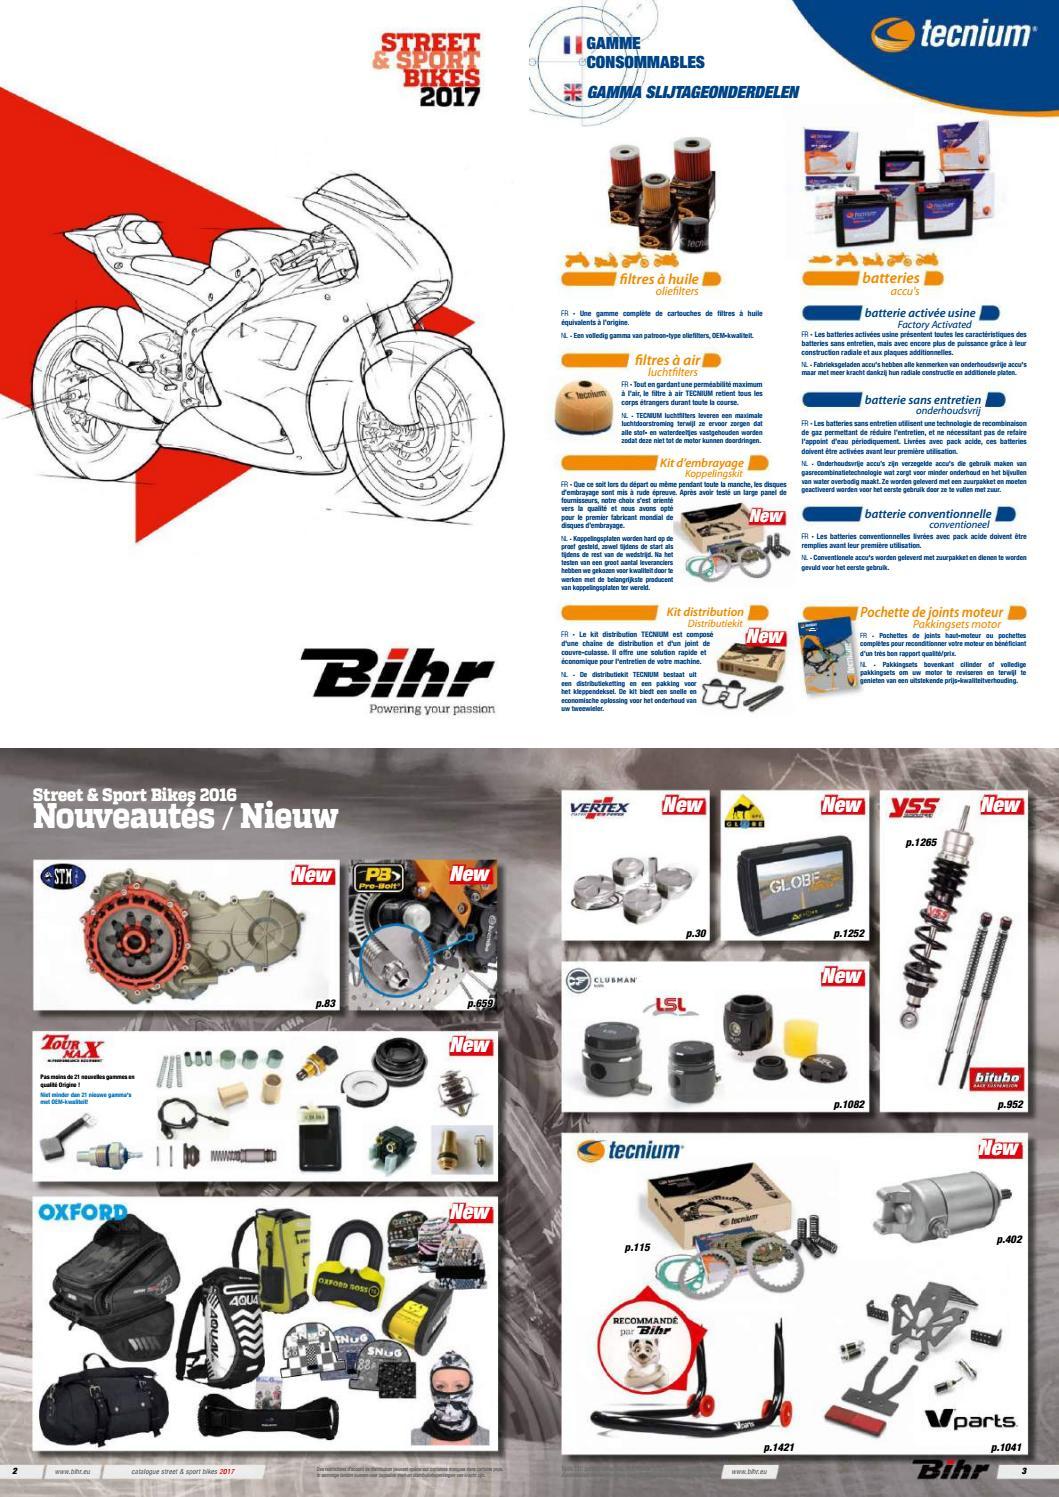 Bmw r1200gs 07-11 acier inoxydable Ensemble de vis Kit Carénage MRA 41 pièces